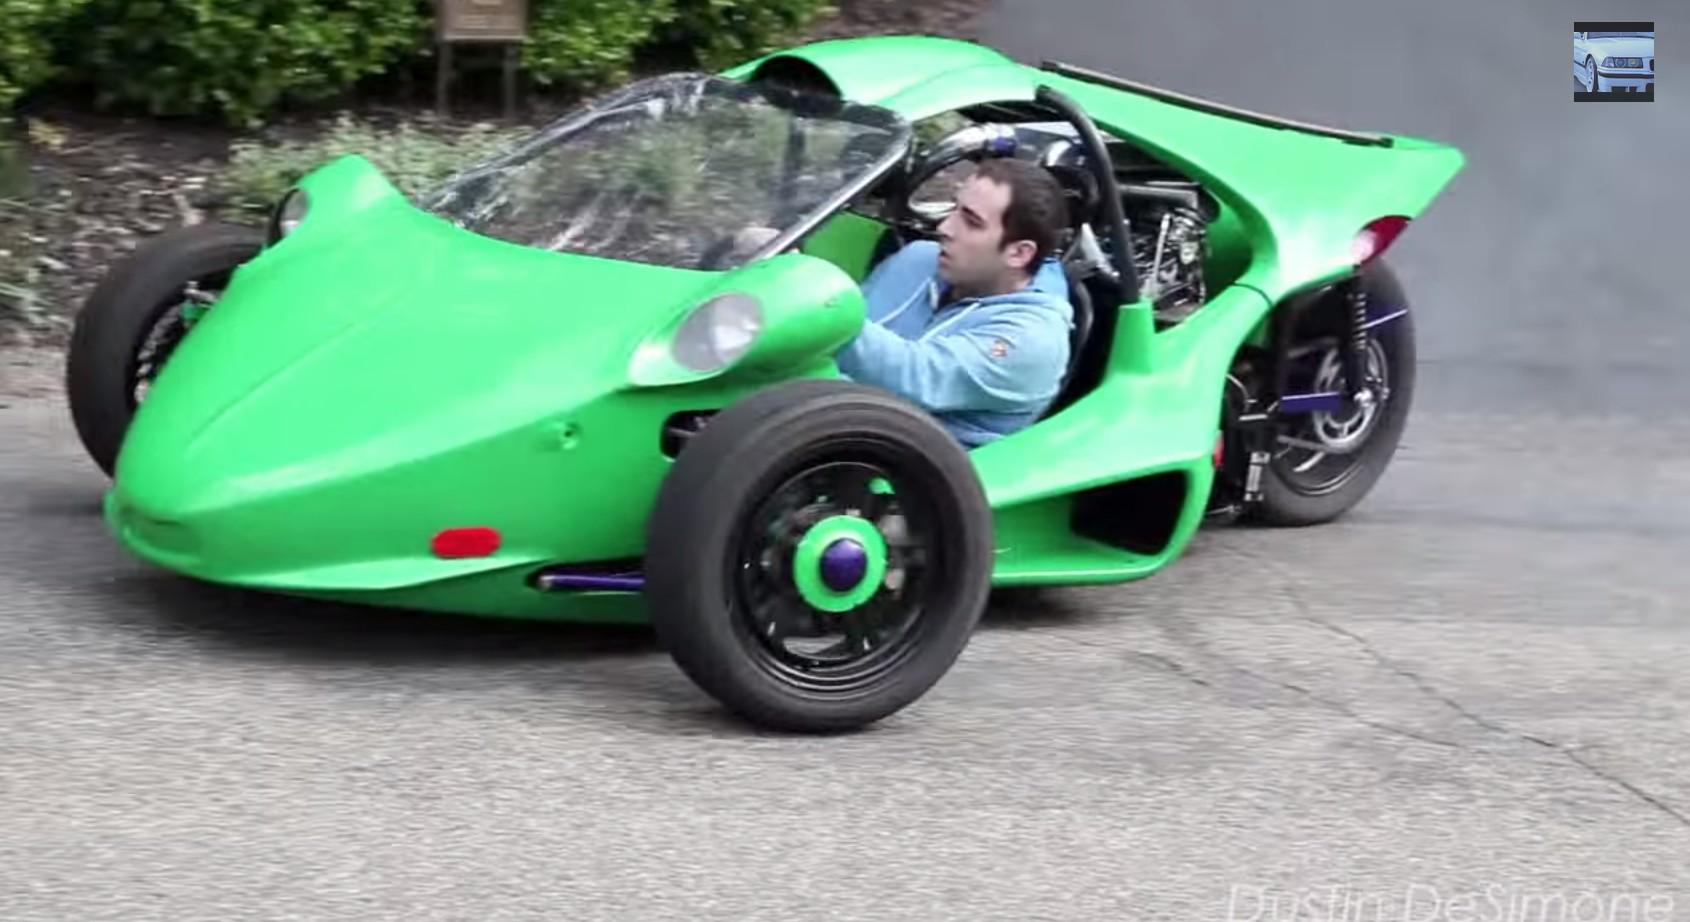 Turbo Hayabusa T-Rex Three-Wheeler Looks Like Suicidal Fun